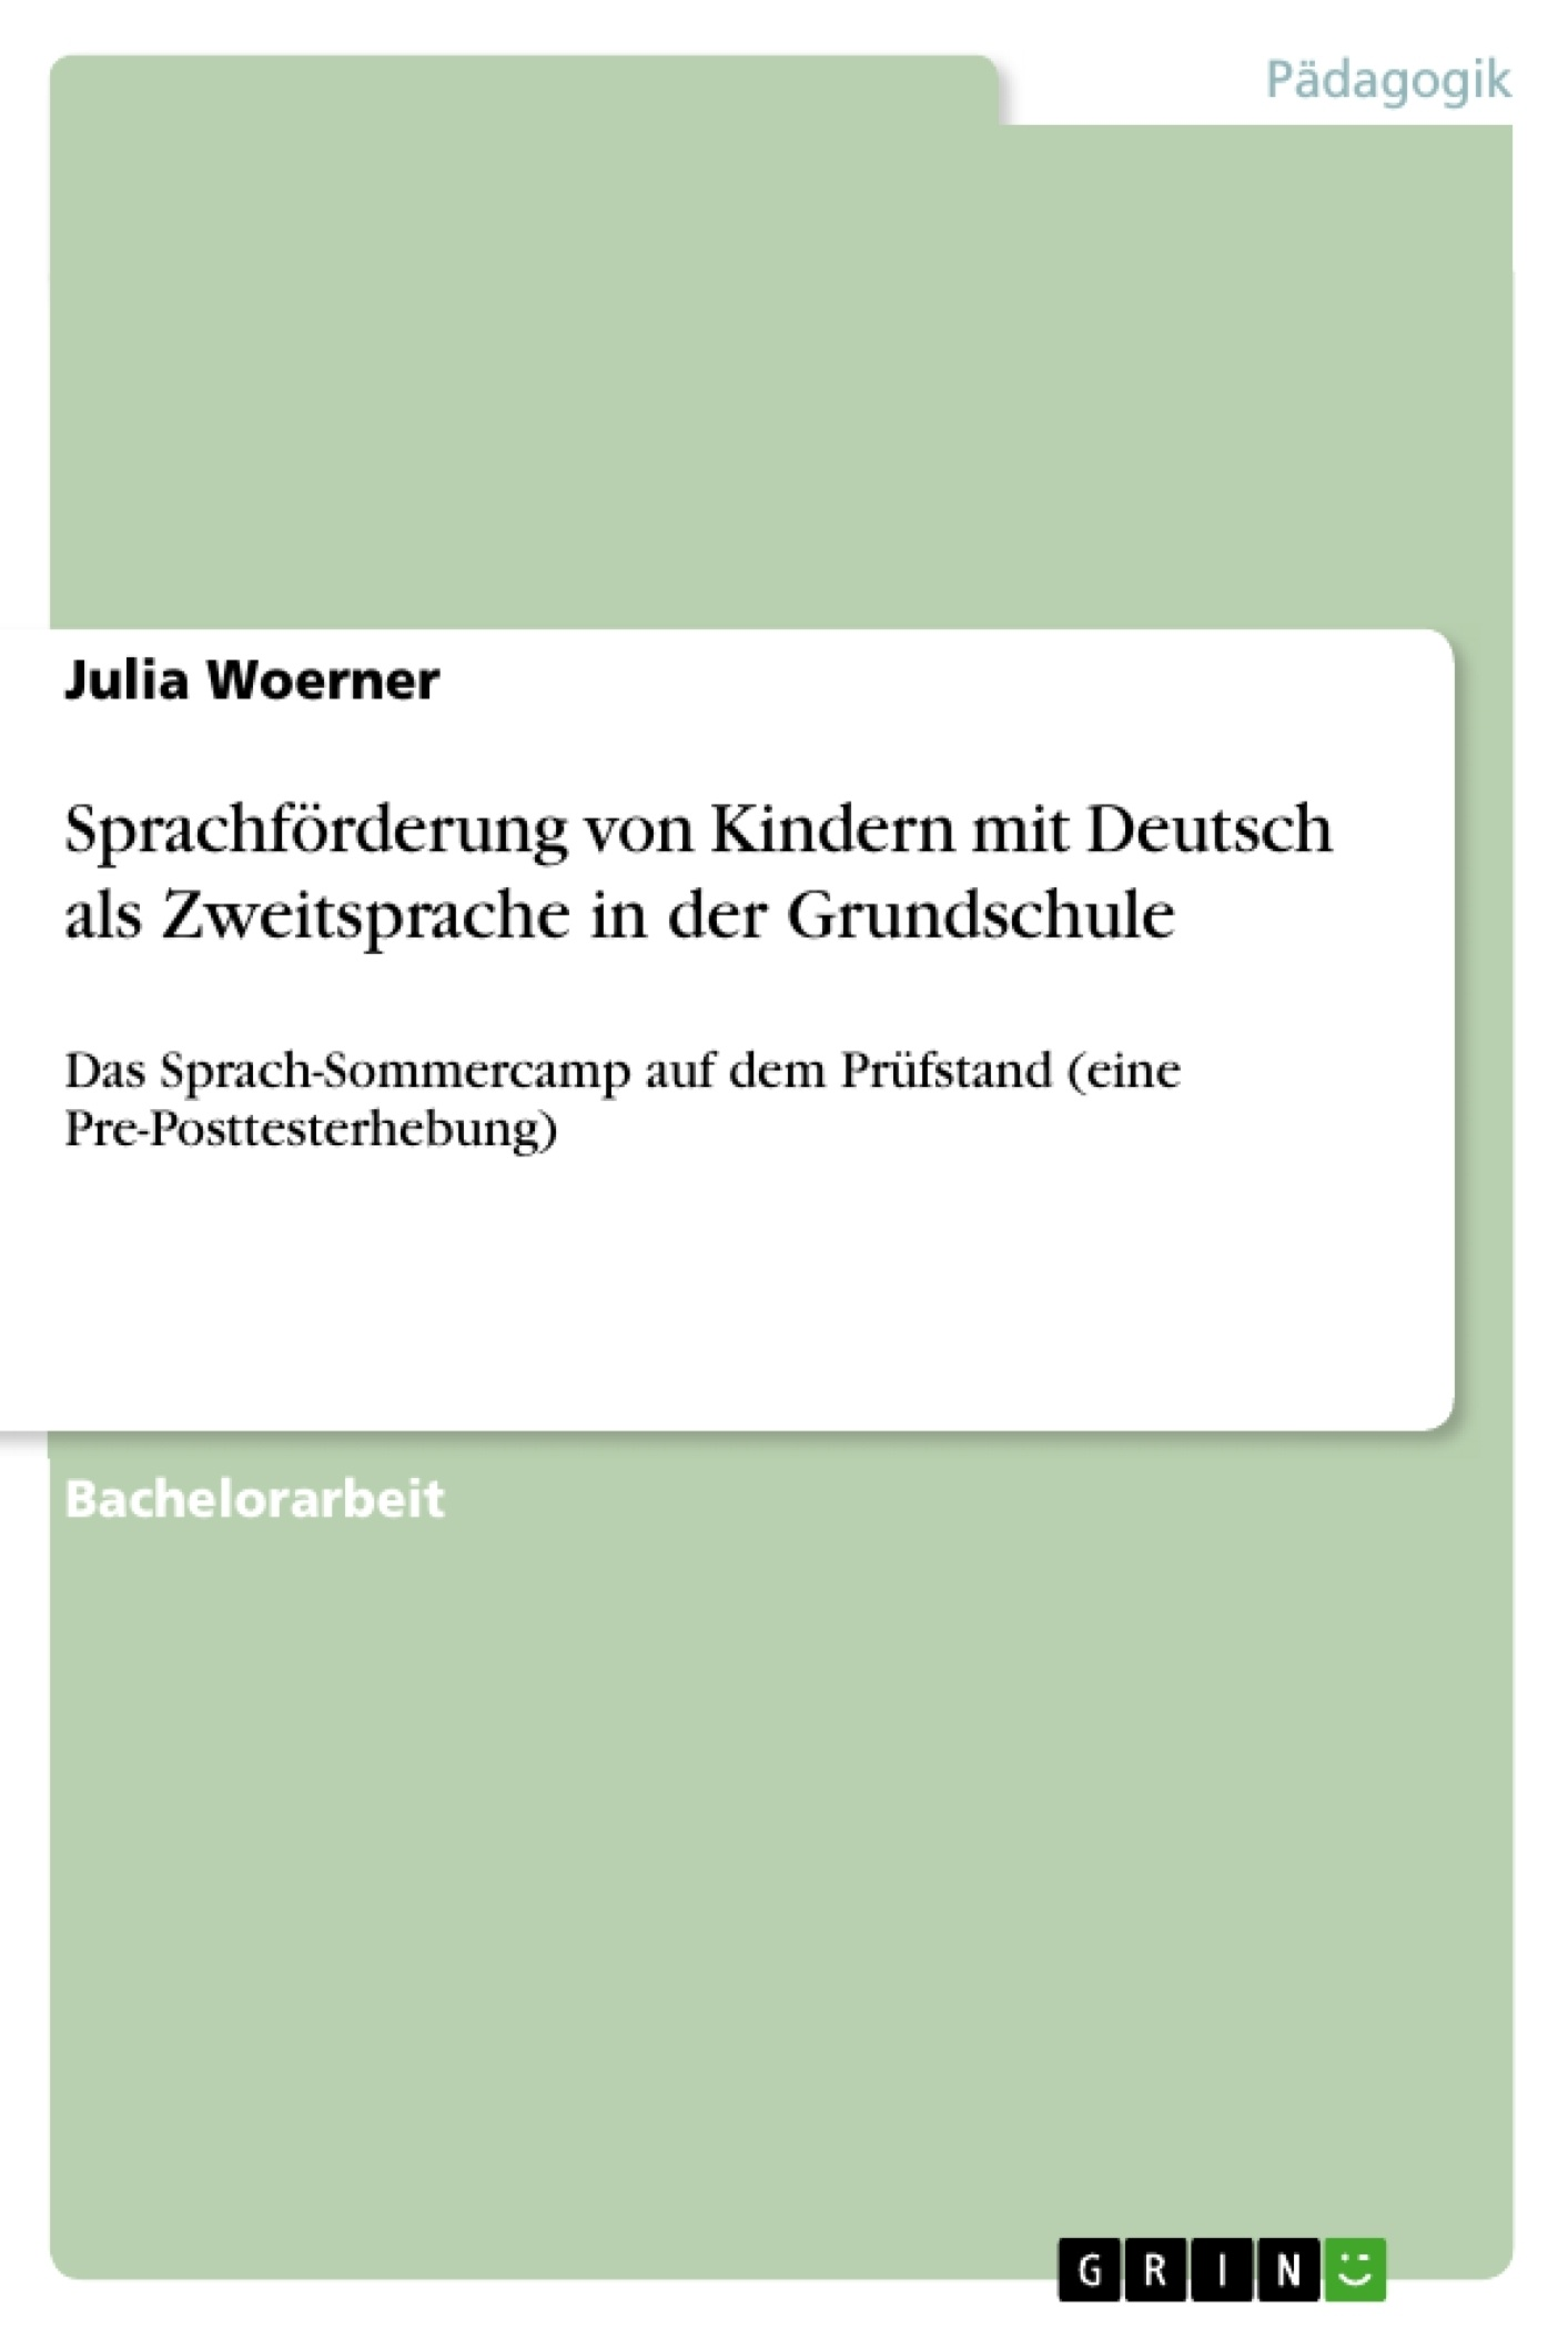 Titel: Sprachförderung von Kindern mit Deutsch als Zweitsprache in der Grundschule